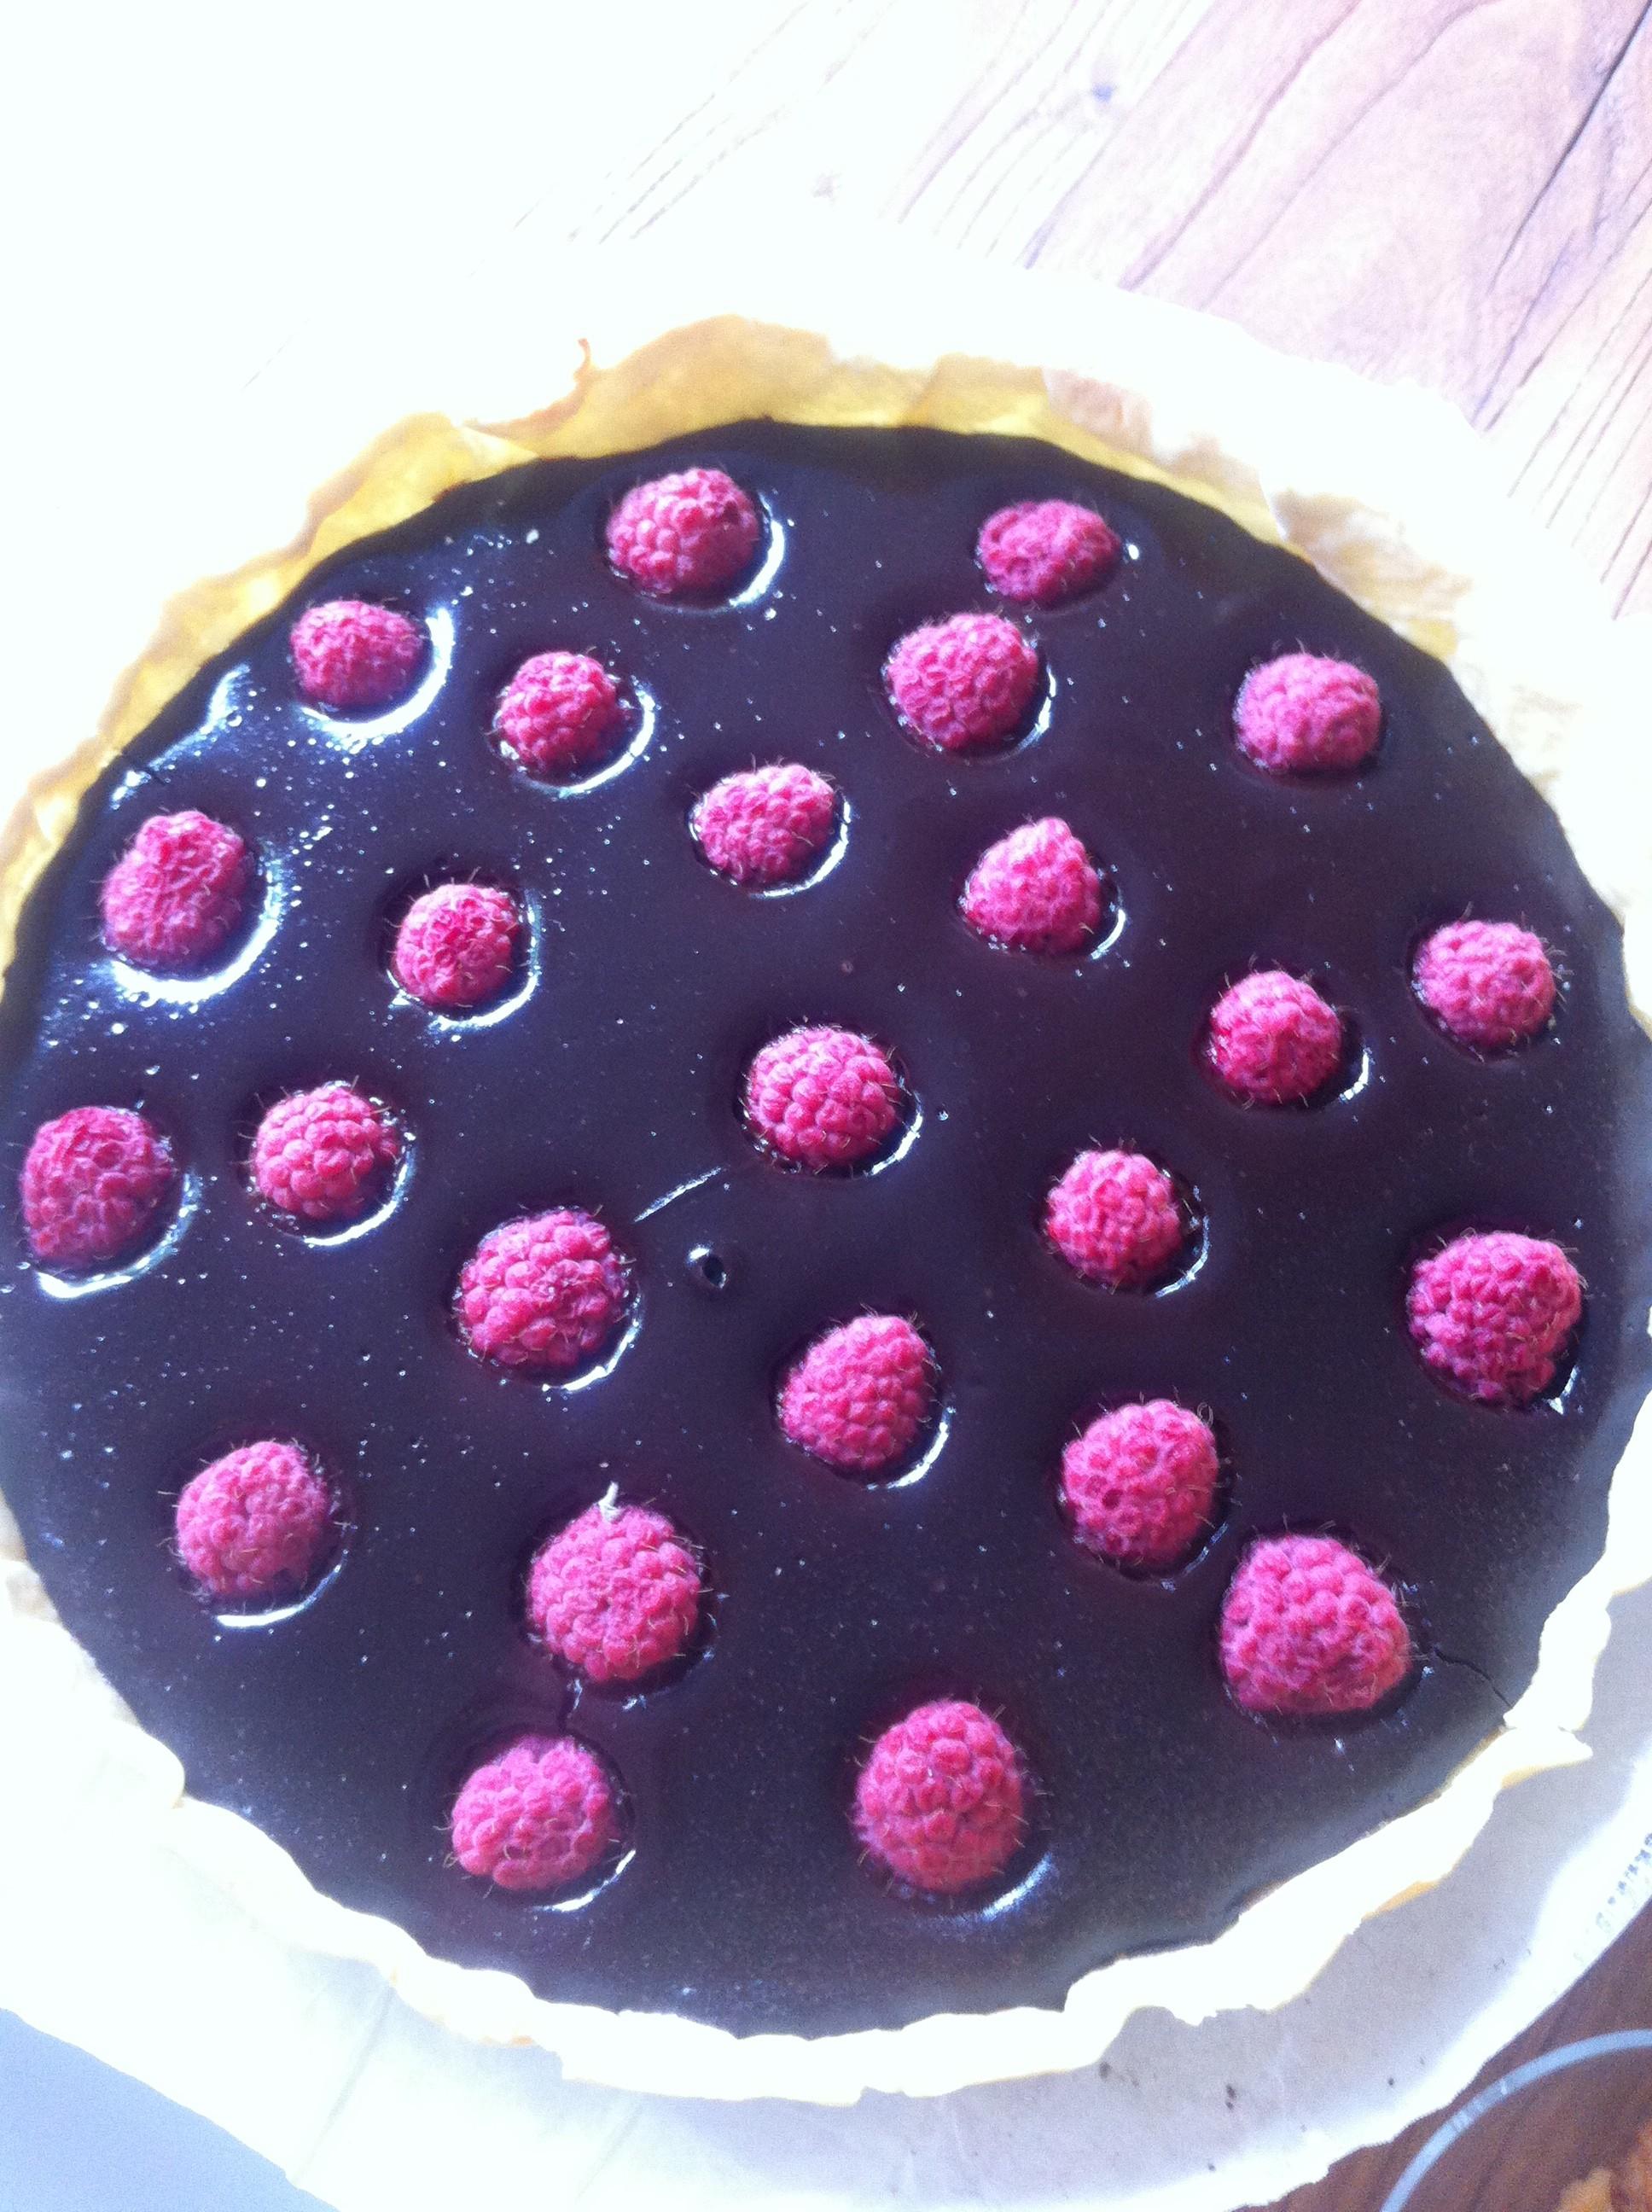 Tarte au chocolat met frambozen | more #recepies at www.notafraidofbutter.nl